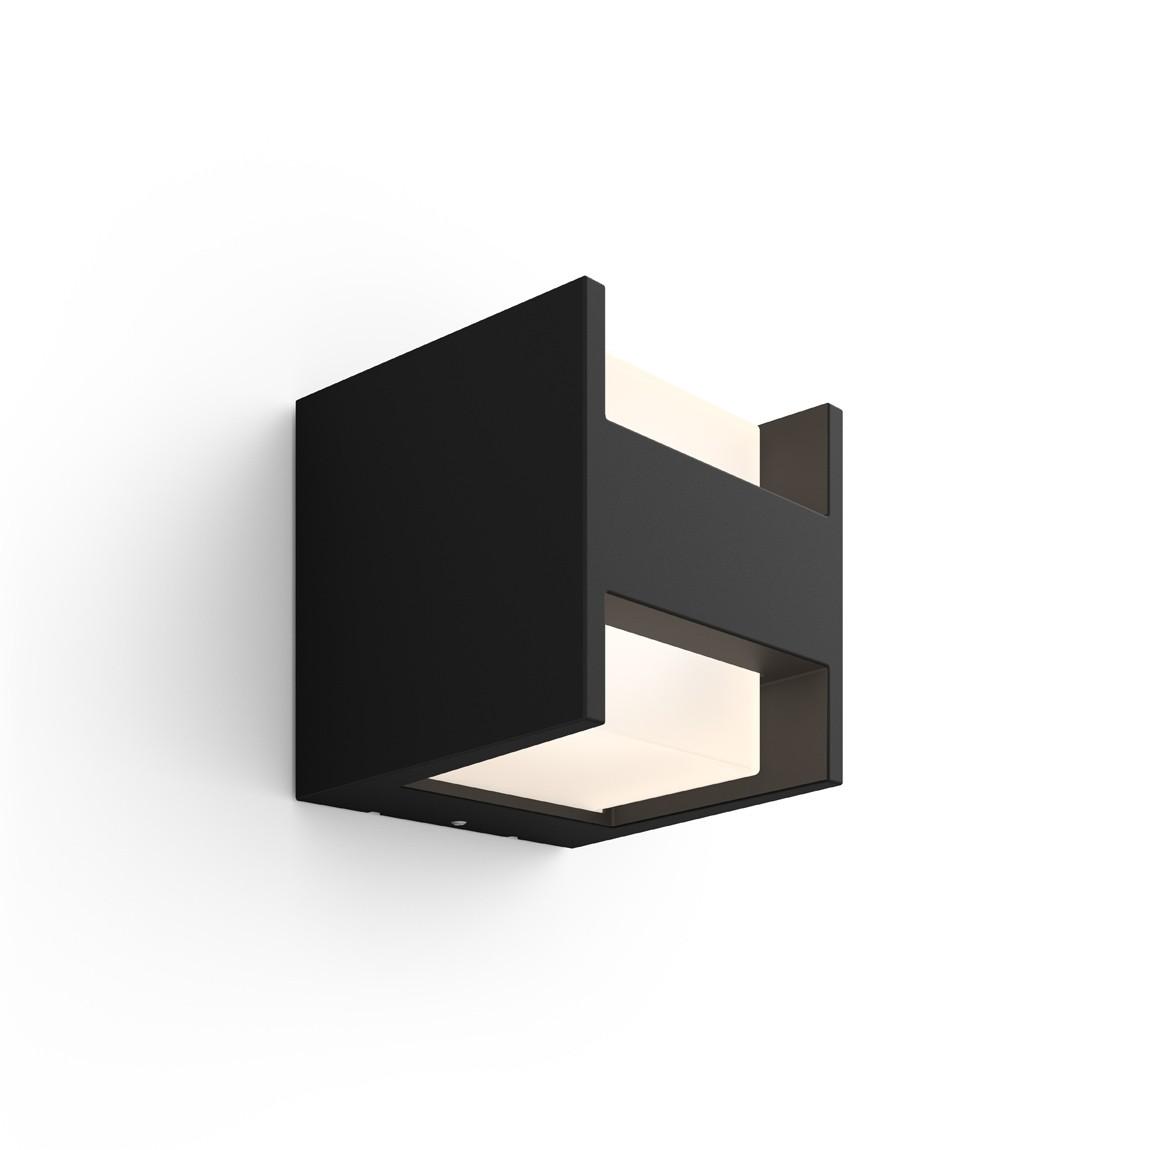 Philips Hue LED Wandleuchte Quadratisch Oben/Unten Fuzo - Schwarz